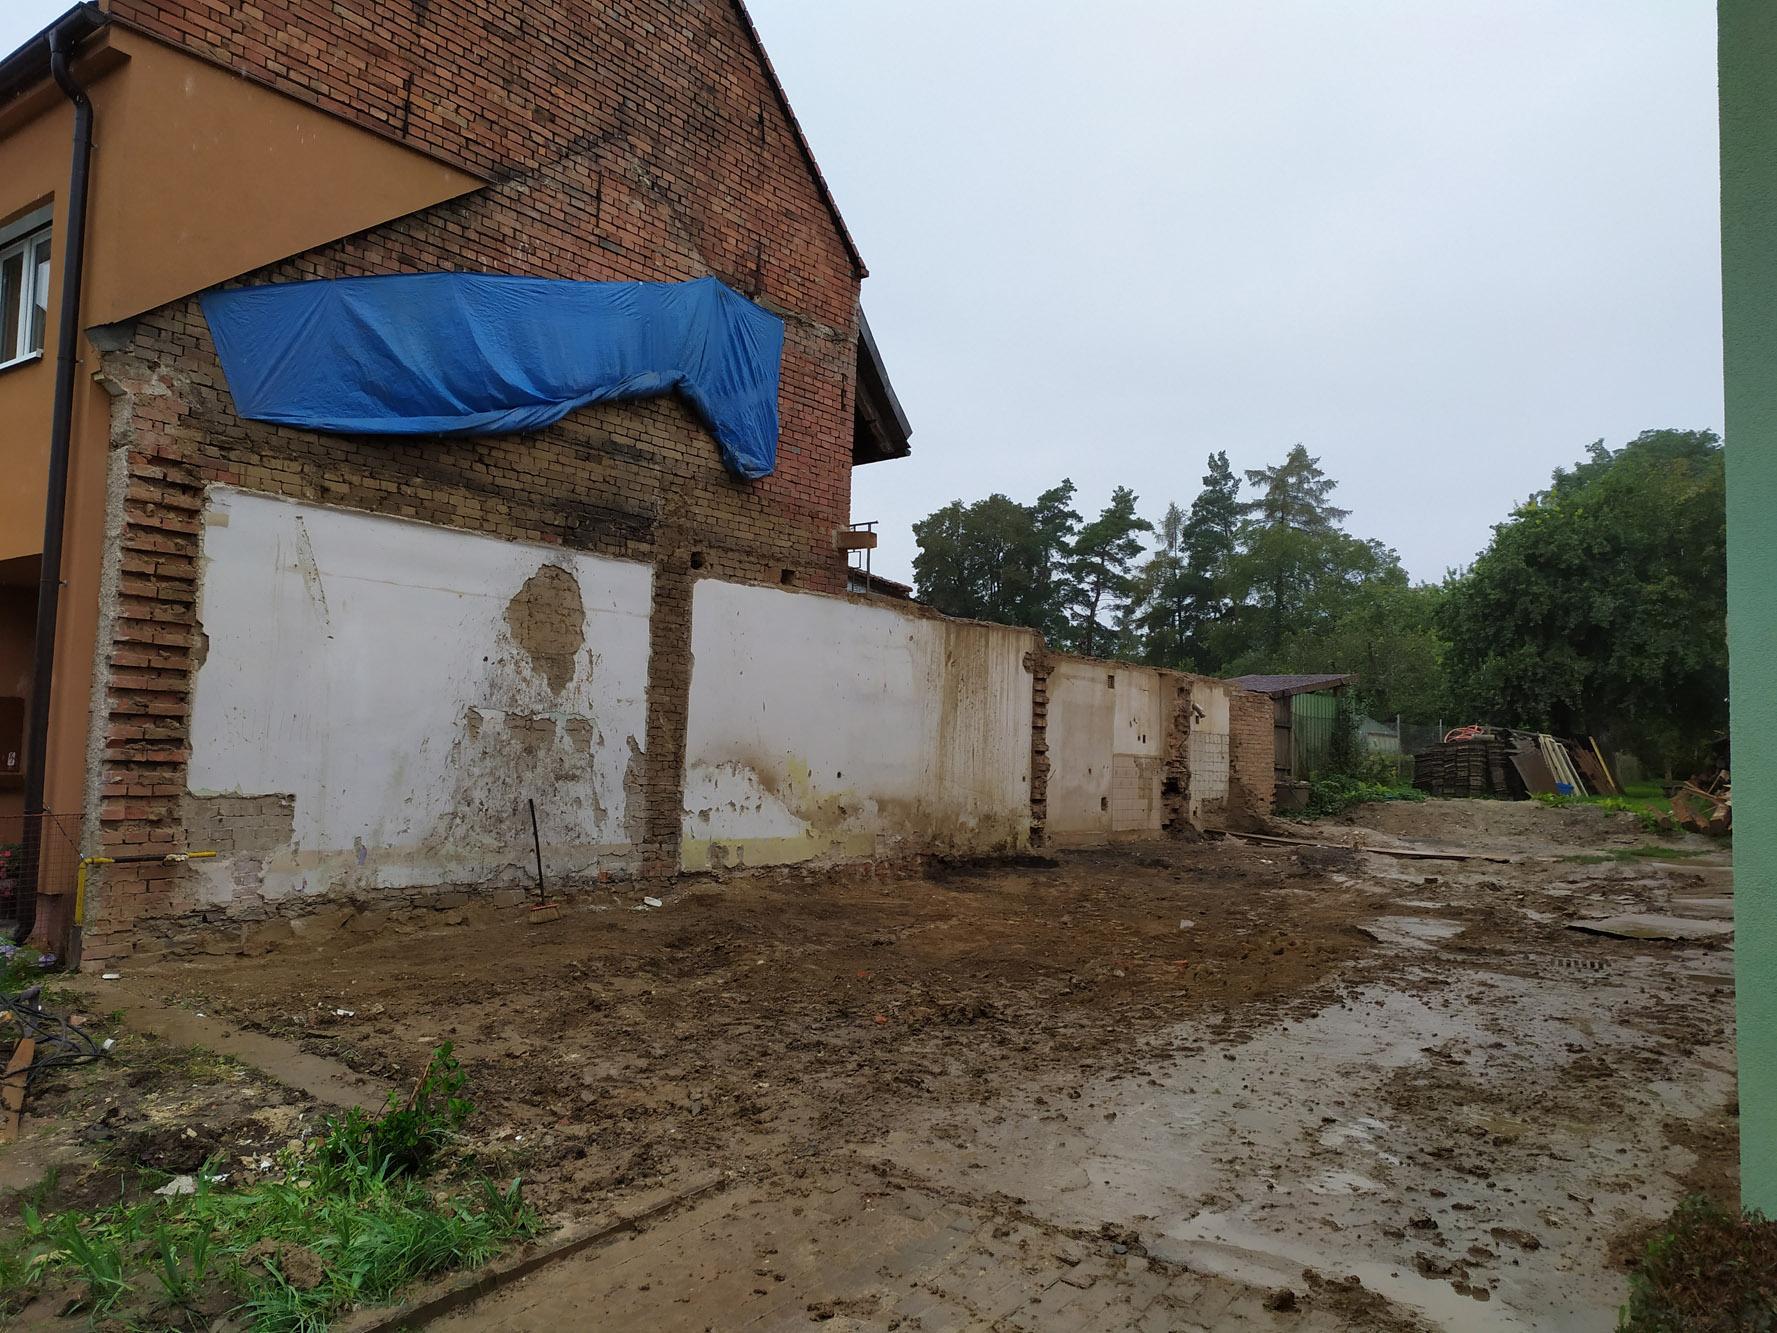 Bourání staré a stavba nové řadovky - Konec září 2020. Z domu nic nezbylo.